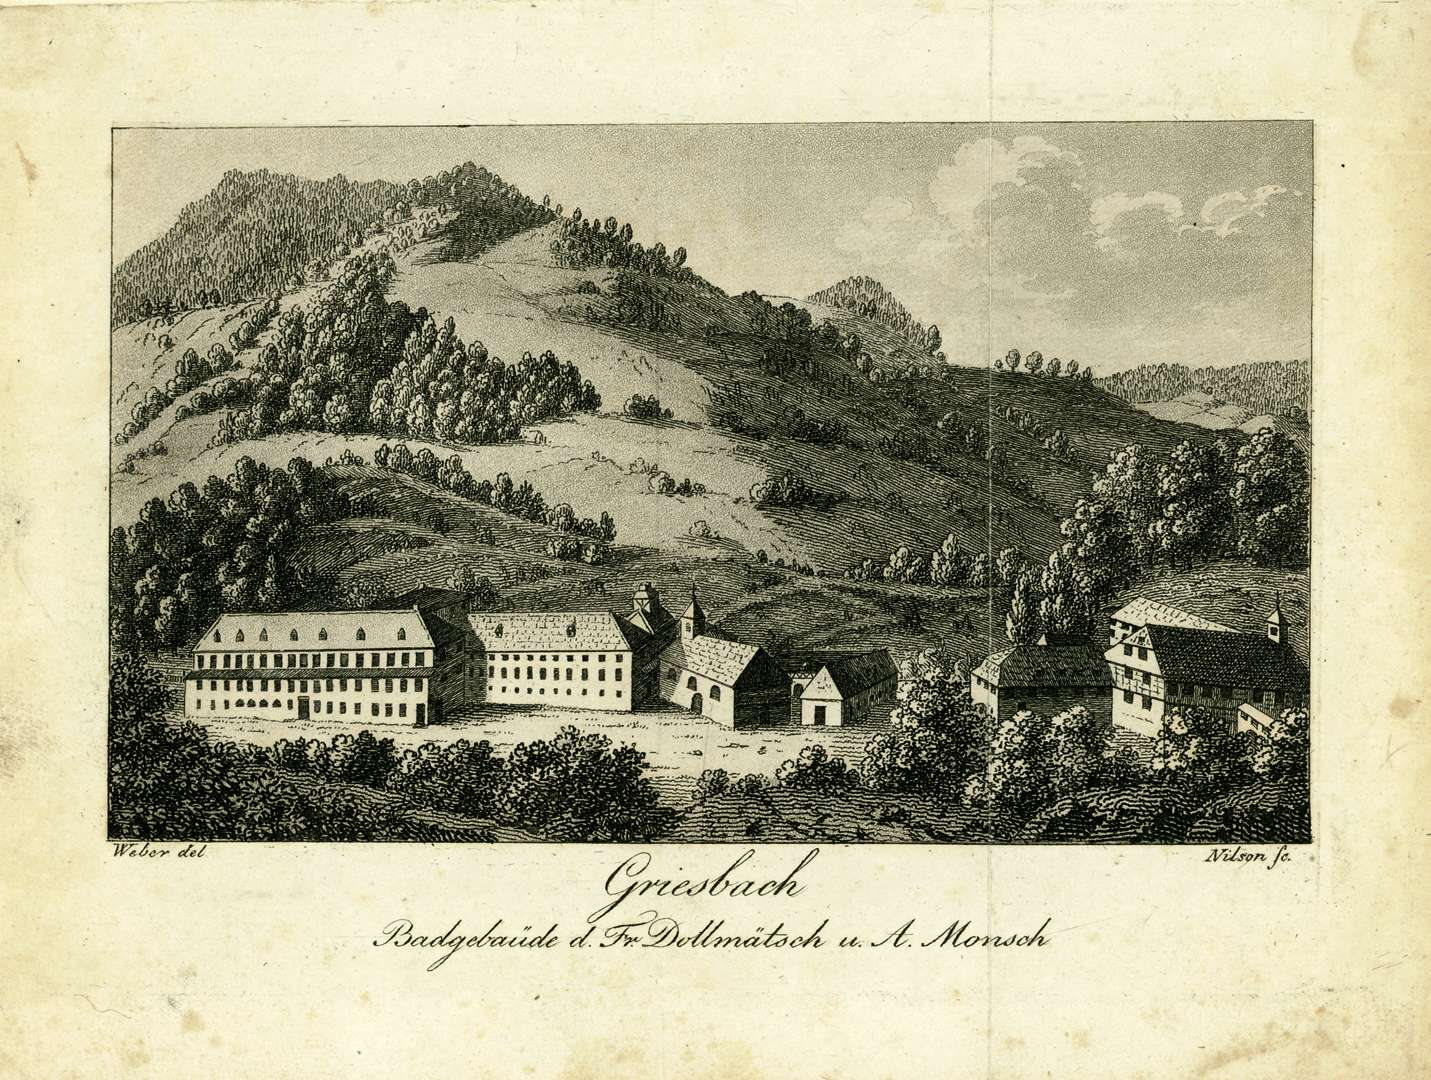 Badgebäude des Fr. Dollmätsch u. A. Monsch, Bild 1